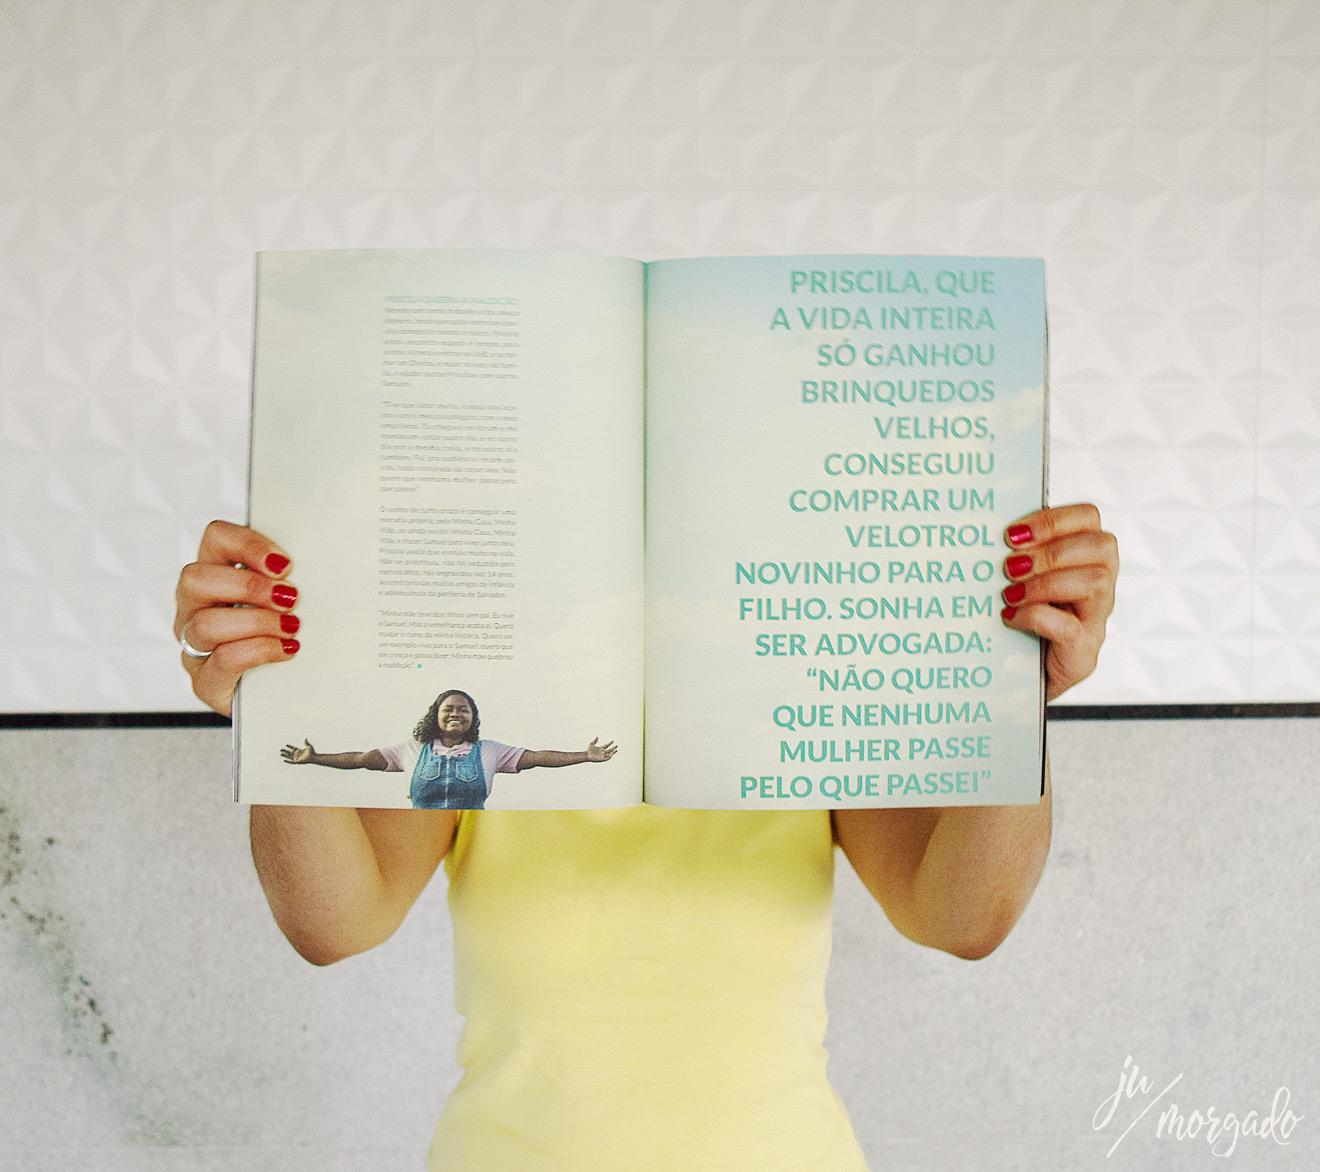 Alguém segura uma revista na frente do rosto, página aberta na matéria da Priscila.